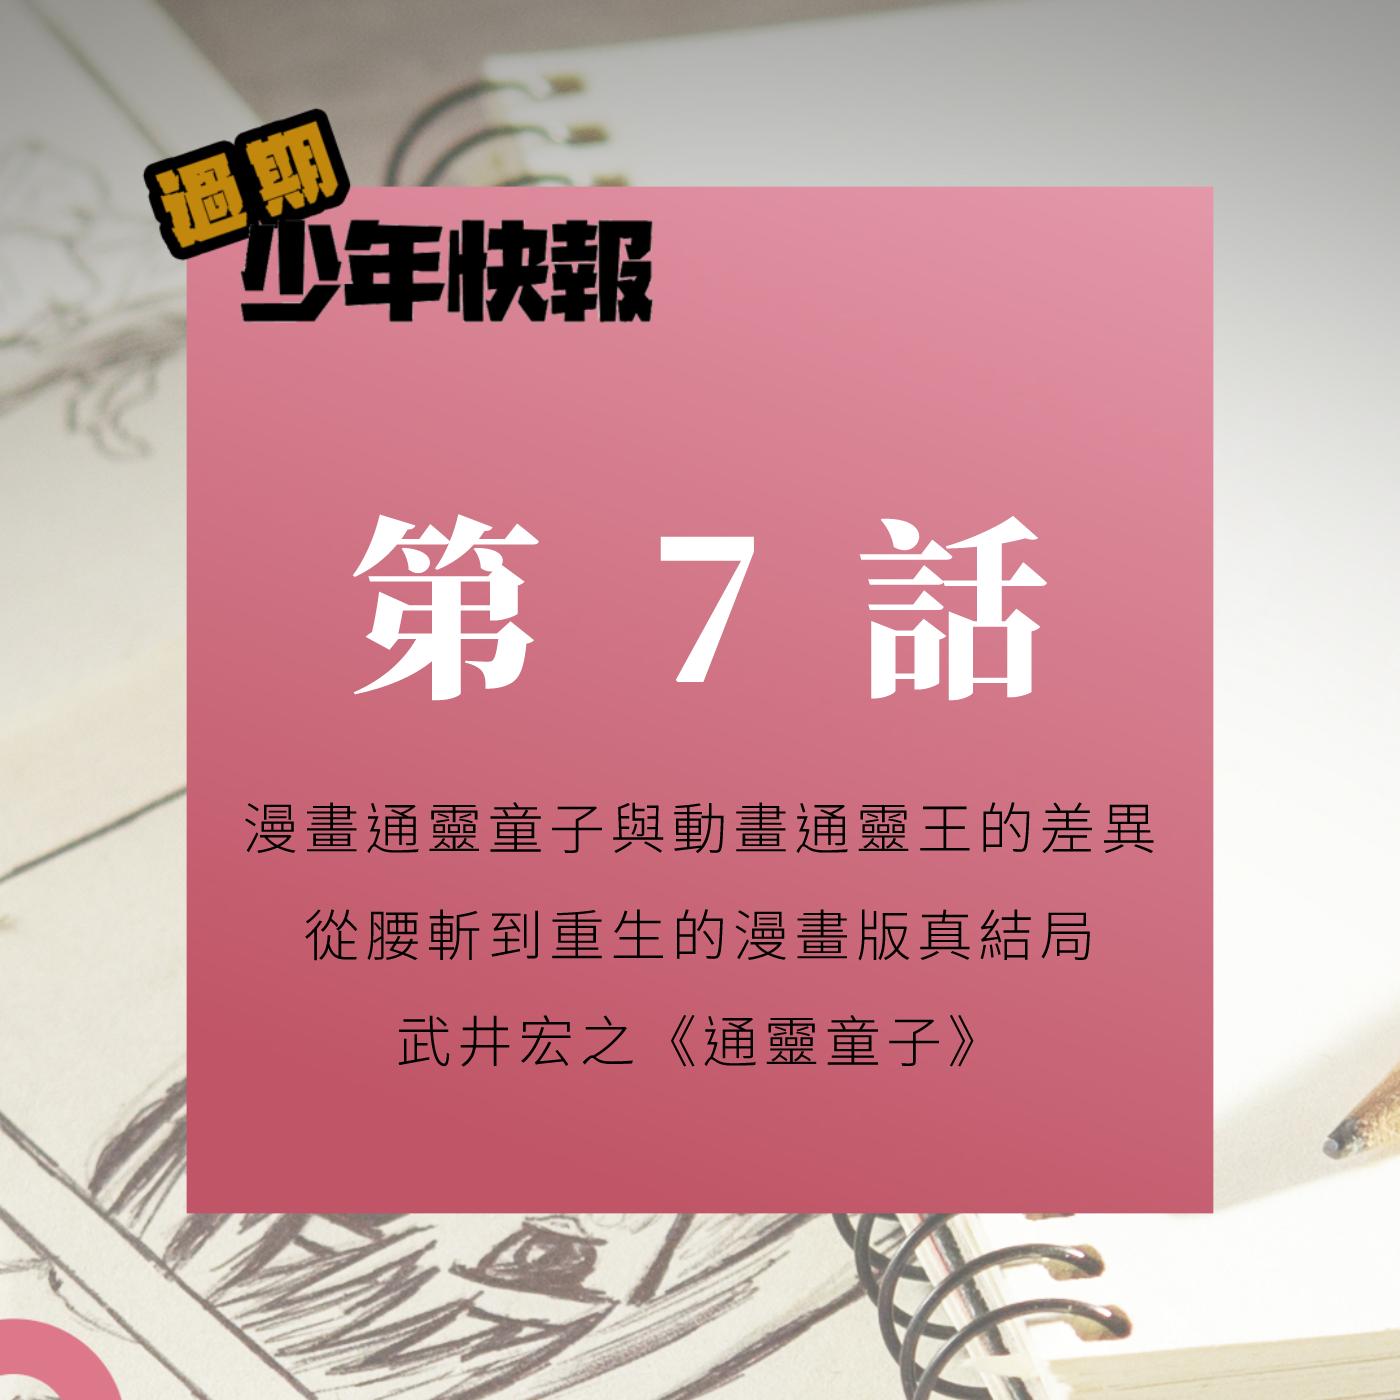 第7話 | 你愛的是《通靈童子》還是《通靈王》?  武井宏之與他曾經劇情失控的人氣少年漫畫